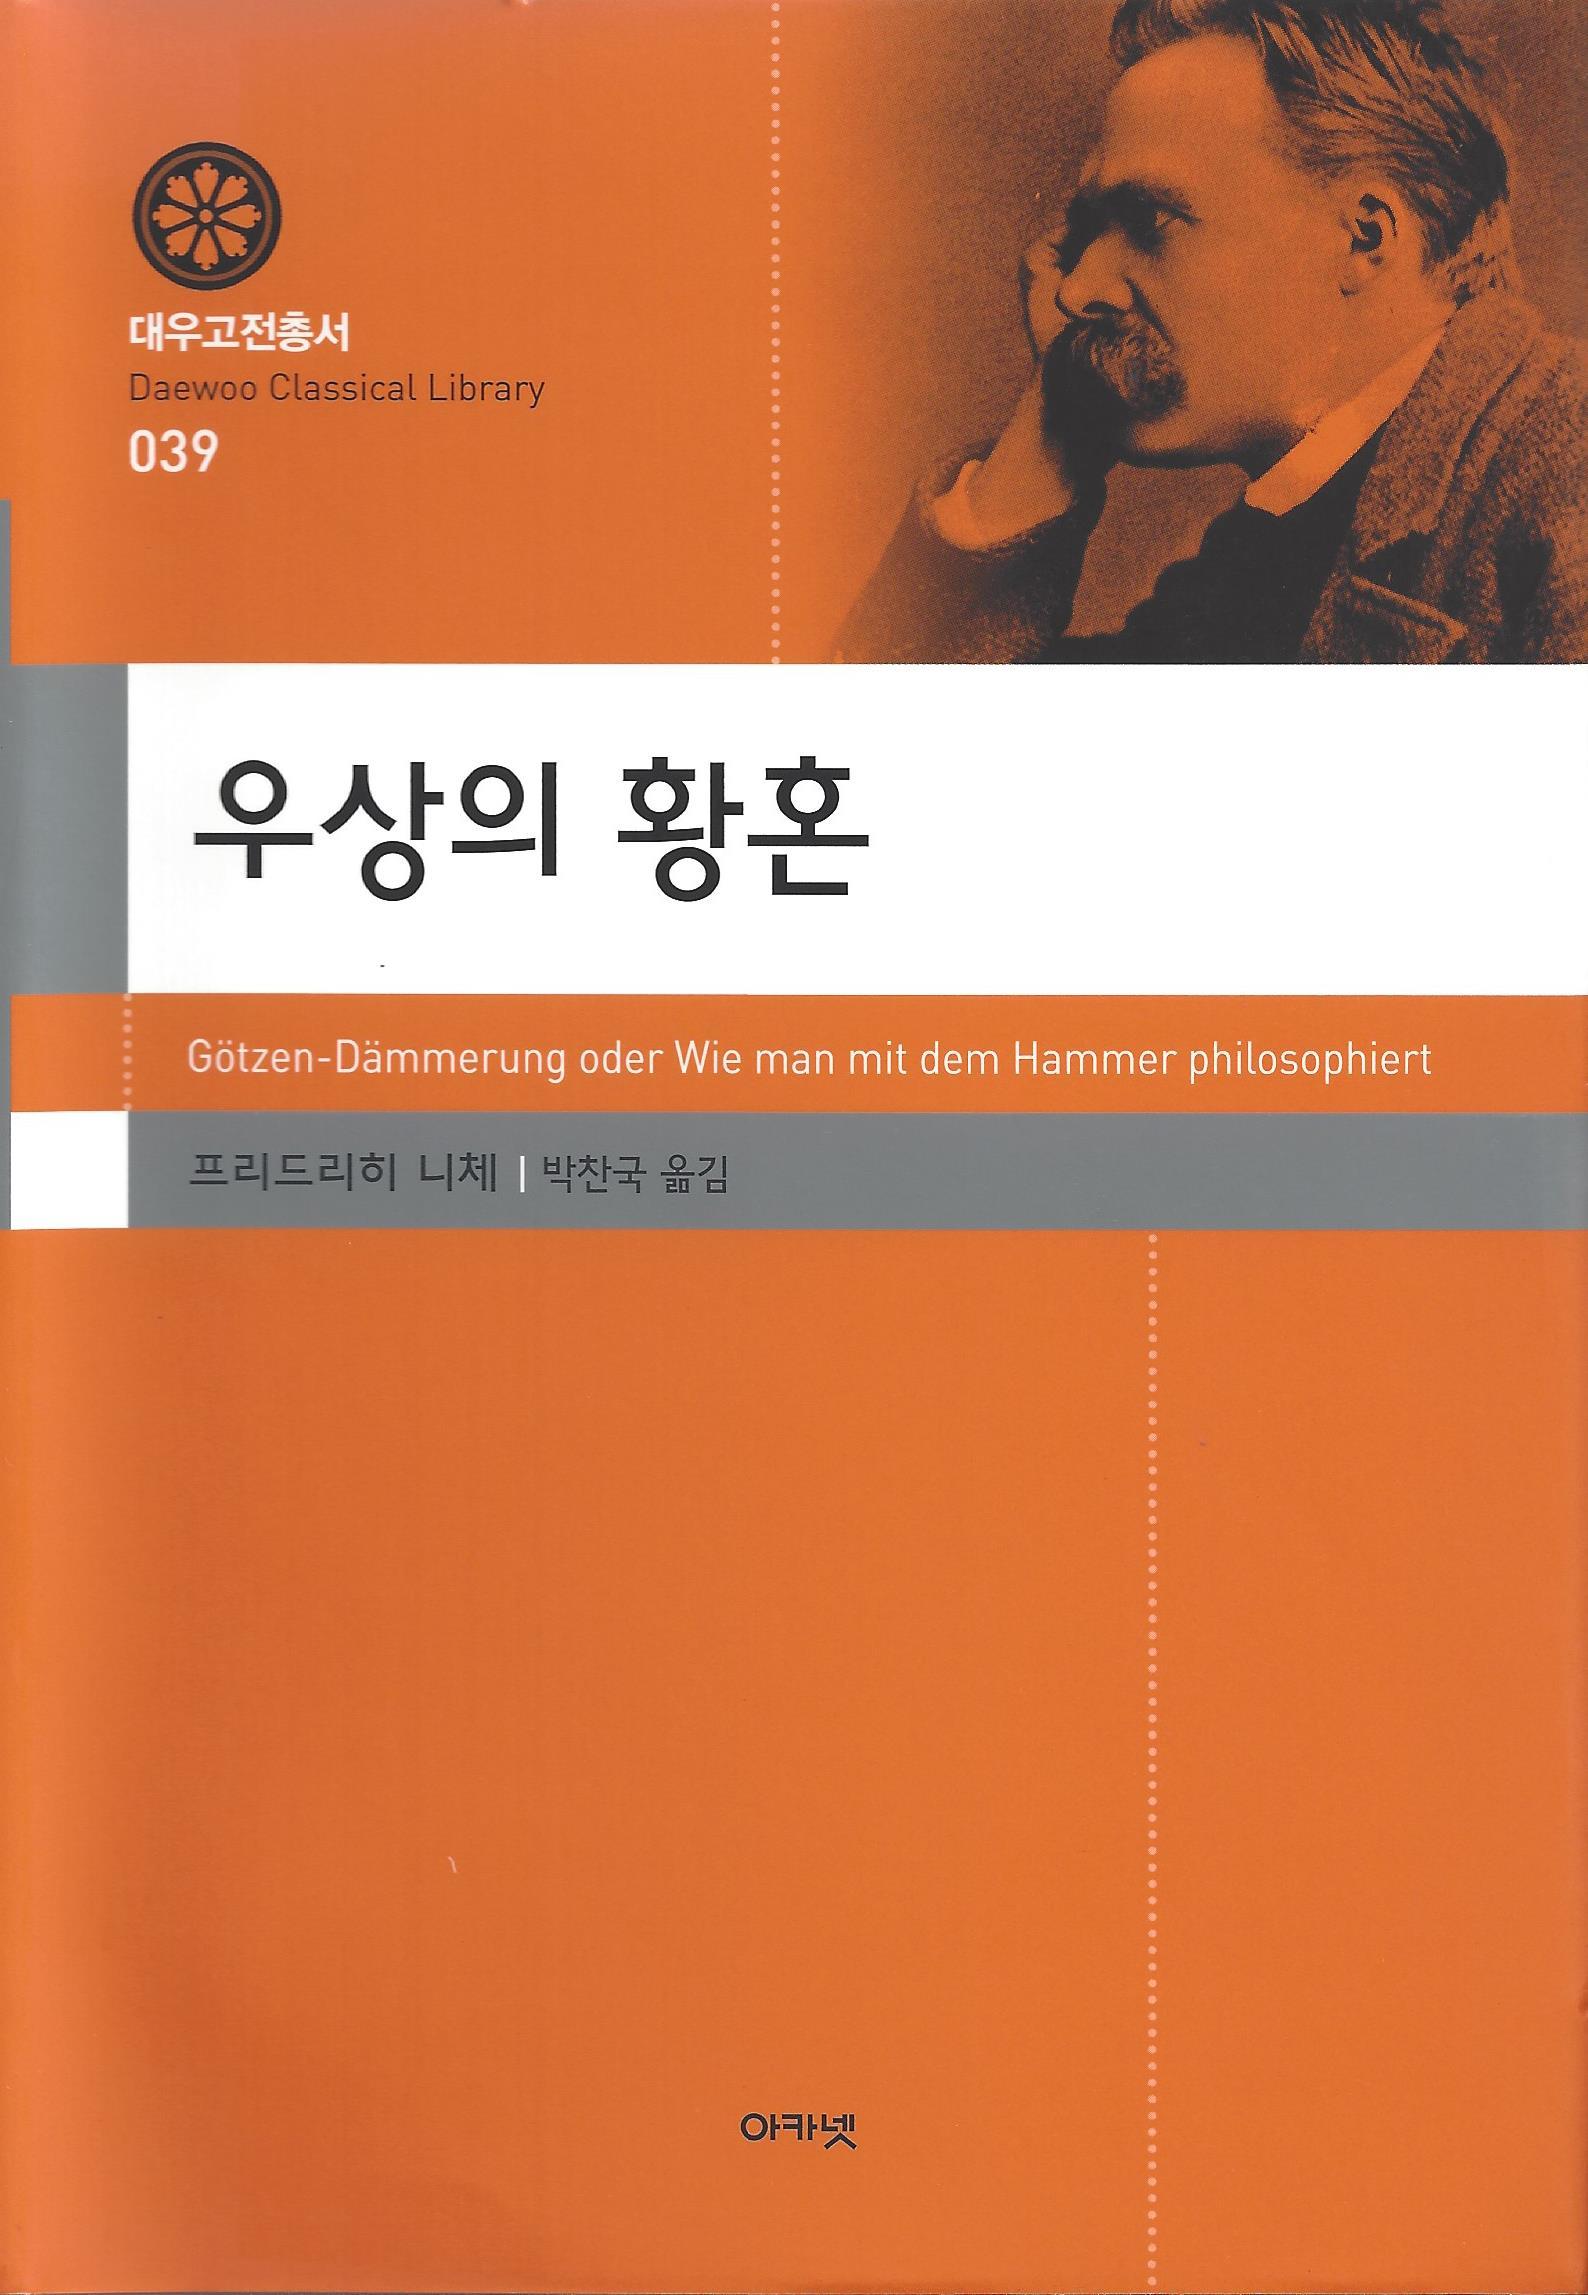 대우재단 대우고전총서 제39권 우상의 황혼 written by 박찬국 and published by 아카넷 in 2015